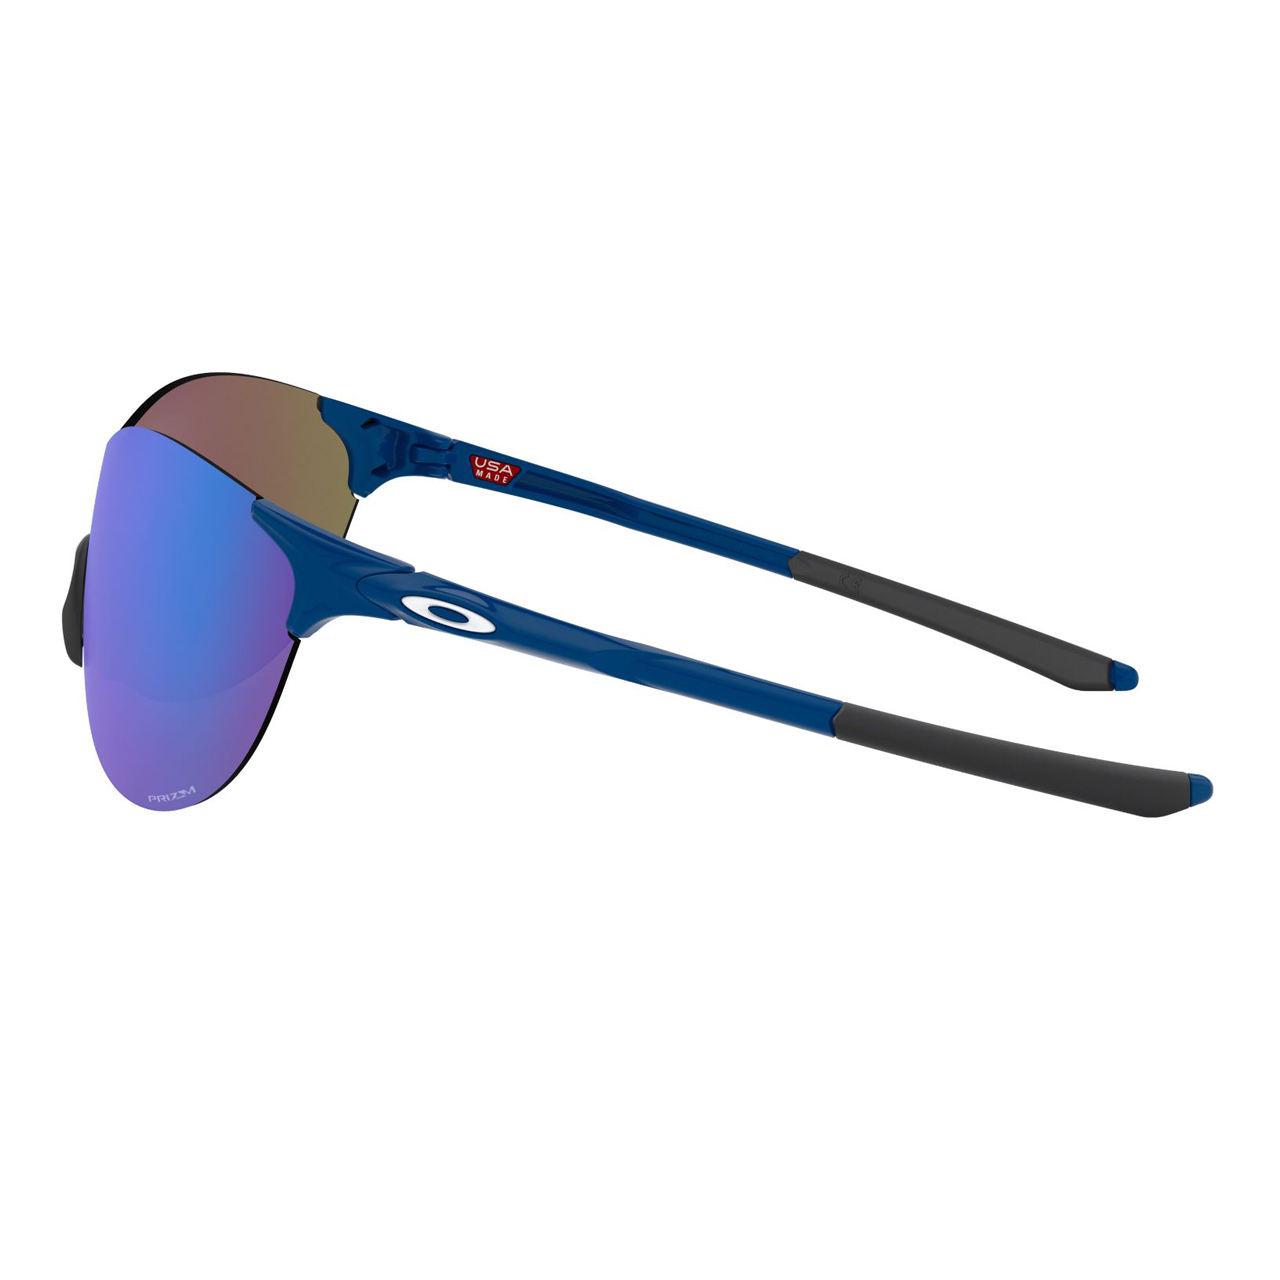 عینک آفتابی اوکلی مدل EVZero Ascend Poseidon کد OO9453-0437 -  - 4